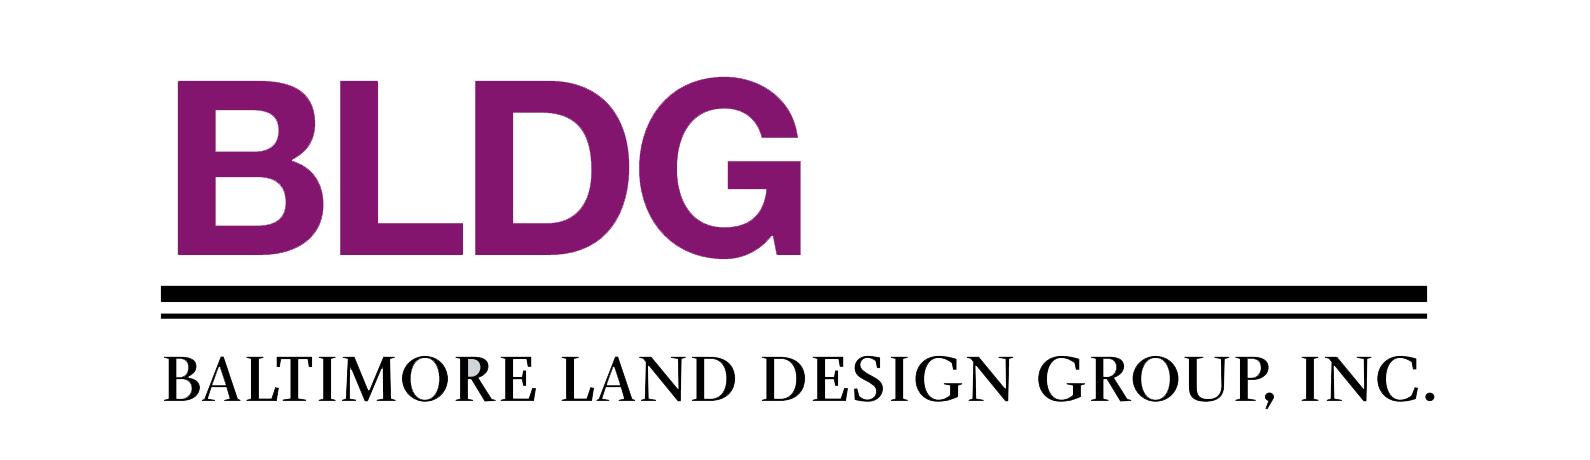 Baltimore Land Design Group